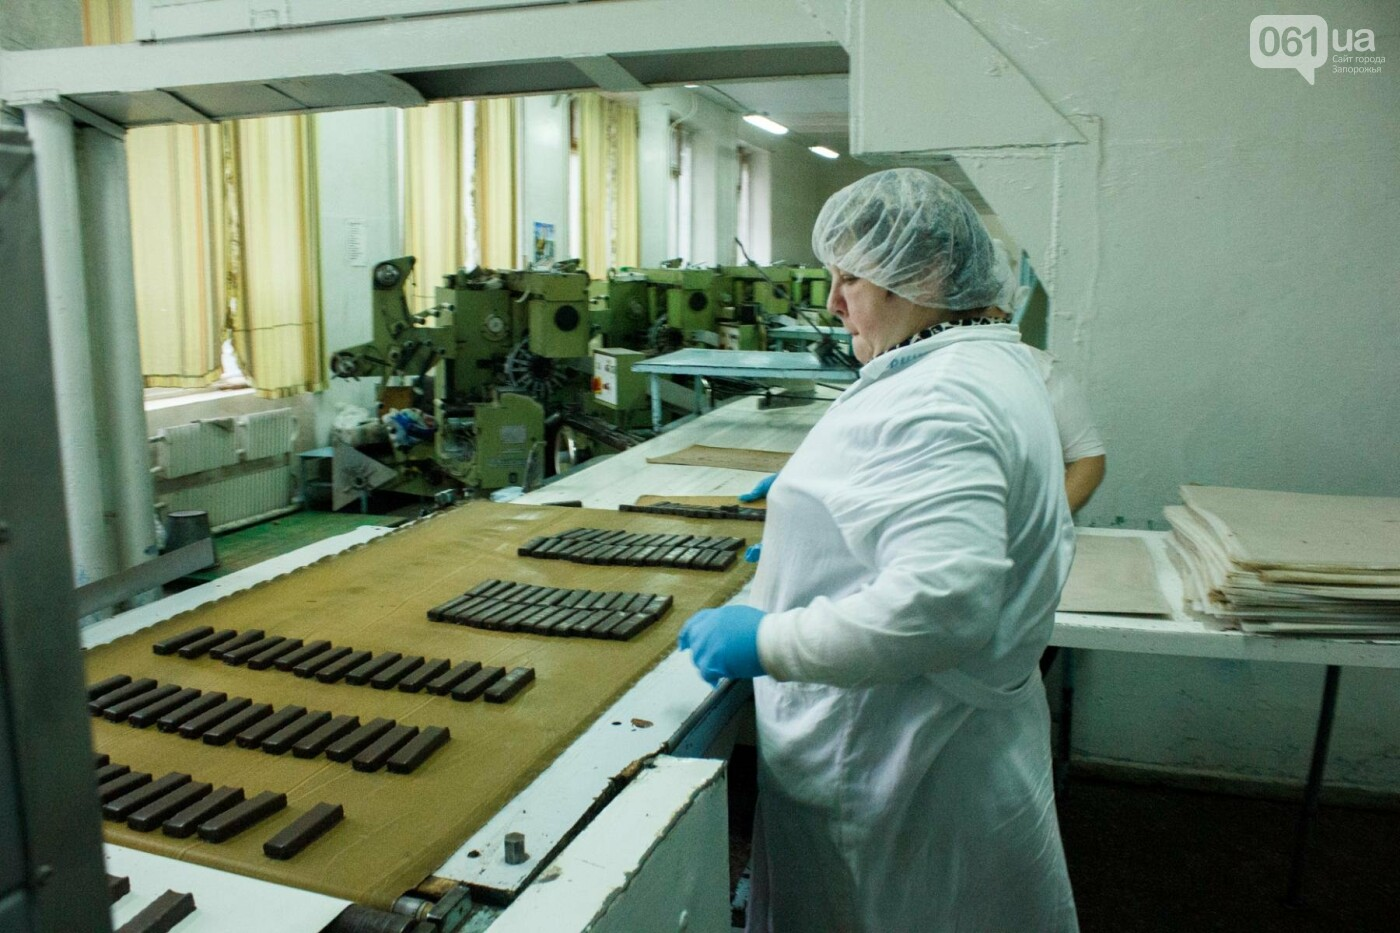 Как в Запорожье делают конфеты: экскурсия на кондитерскую фабрику, – ФОТОРЕПОРТАЖ, фото-8